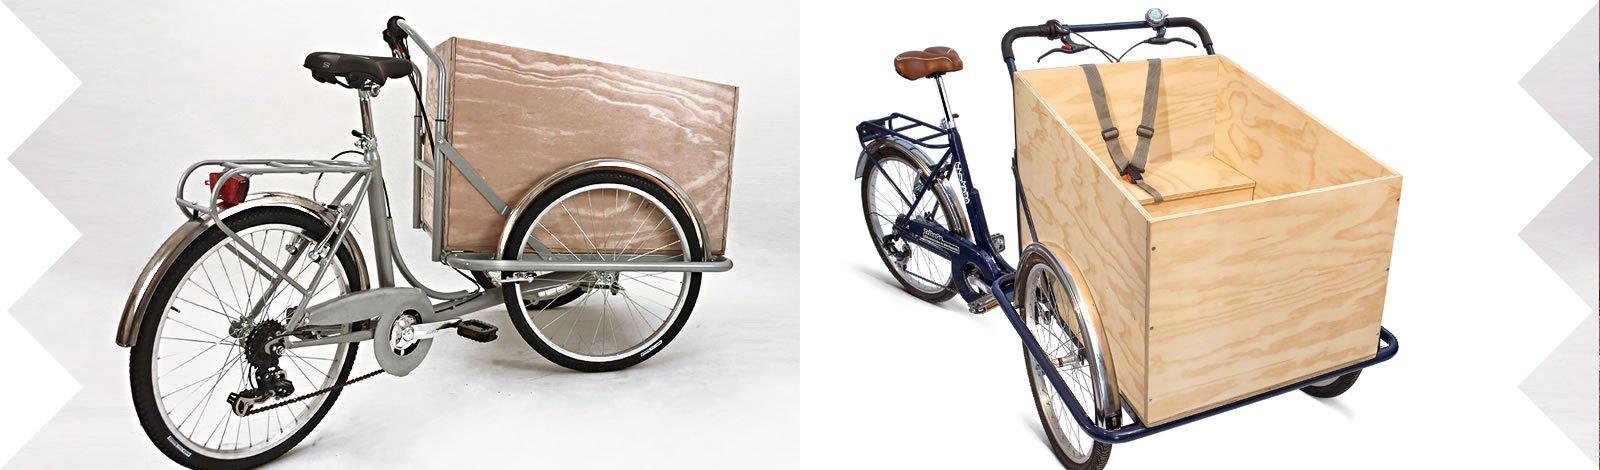 TrikeGo Cargobike- Evoluzione della Cargobike